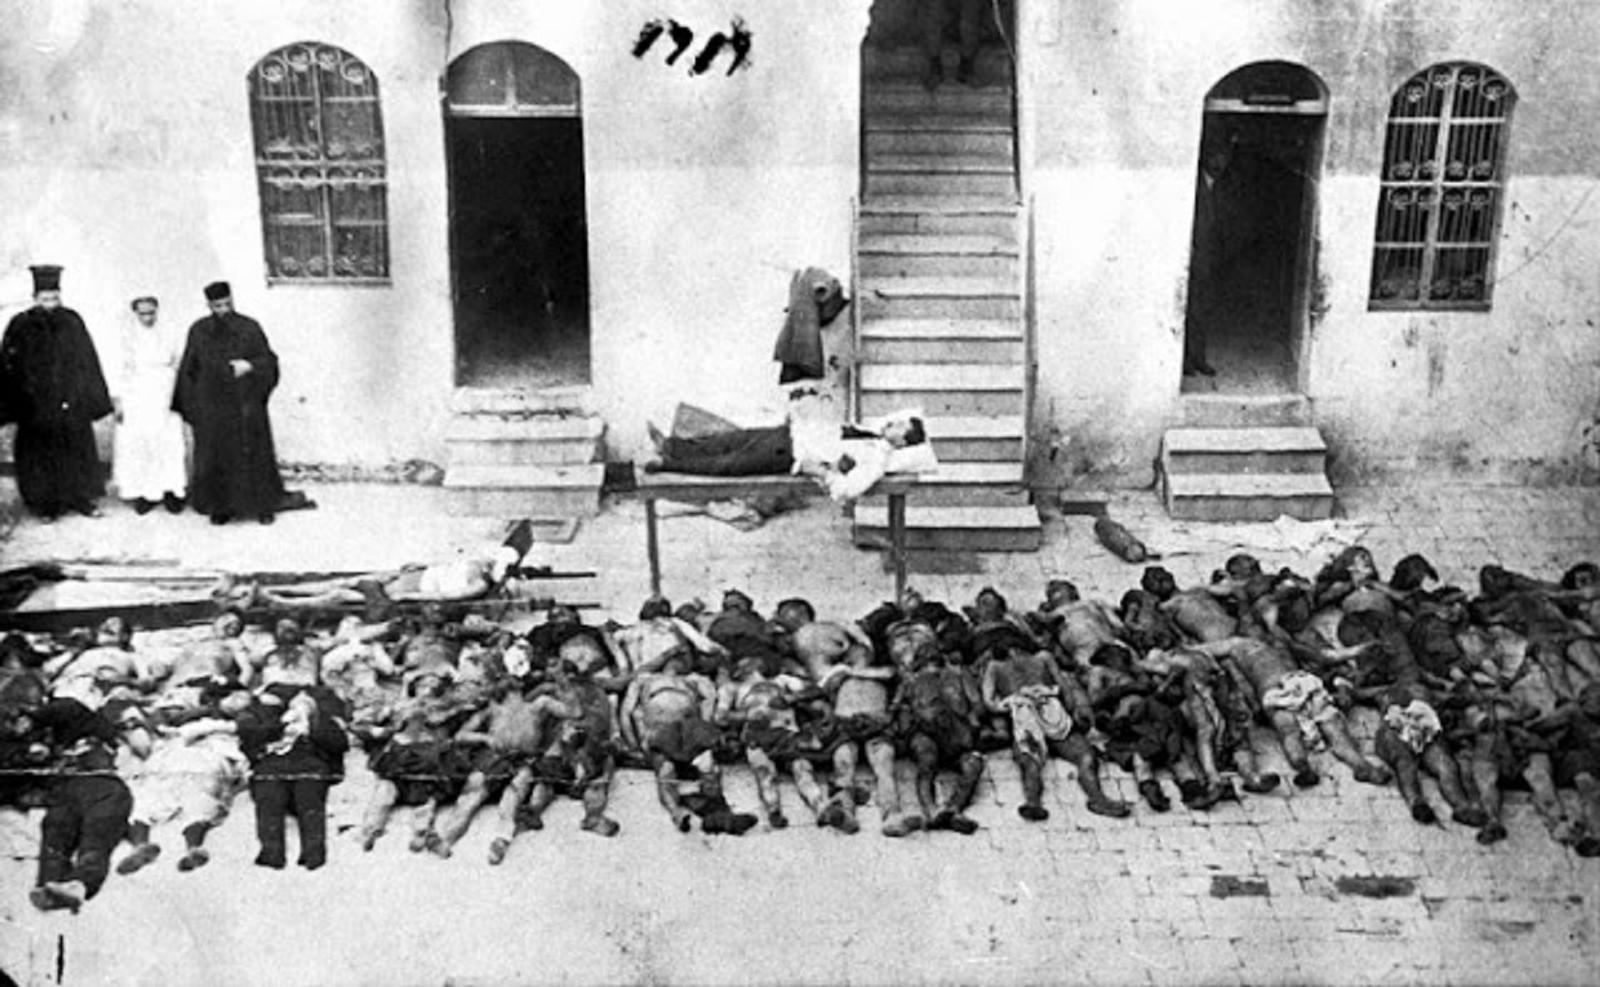 Τοίχος στην Τεχεράνη για γενοκτονίες των Τούρκων: Αρμένιοι, Έλληνες, Κούρδοι…